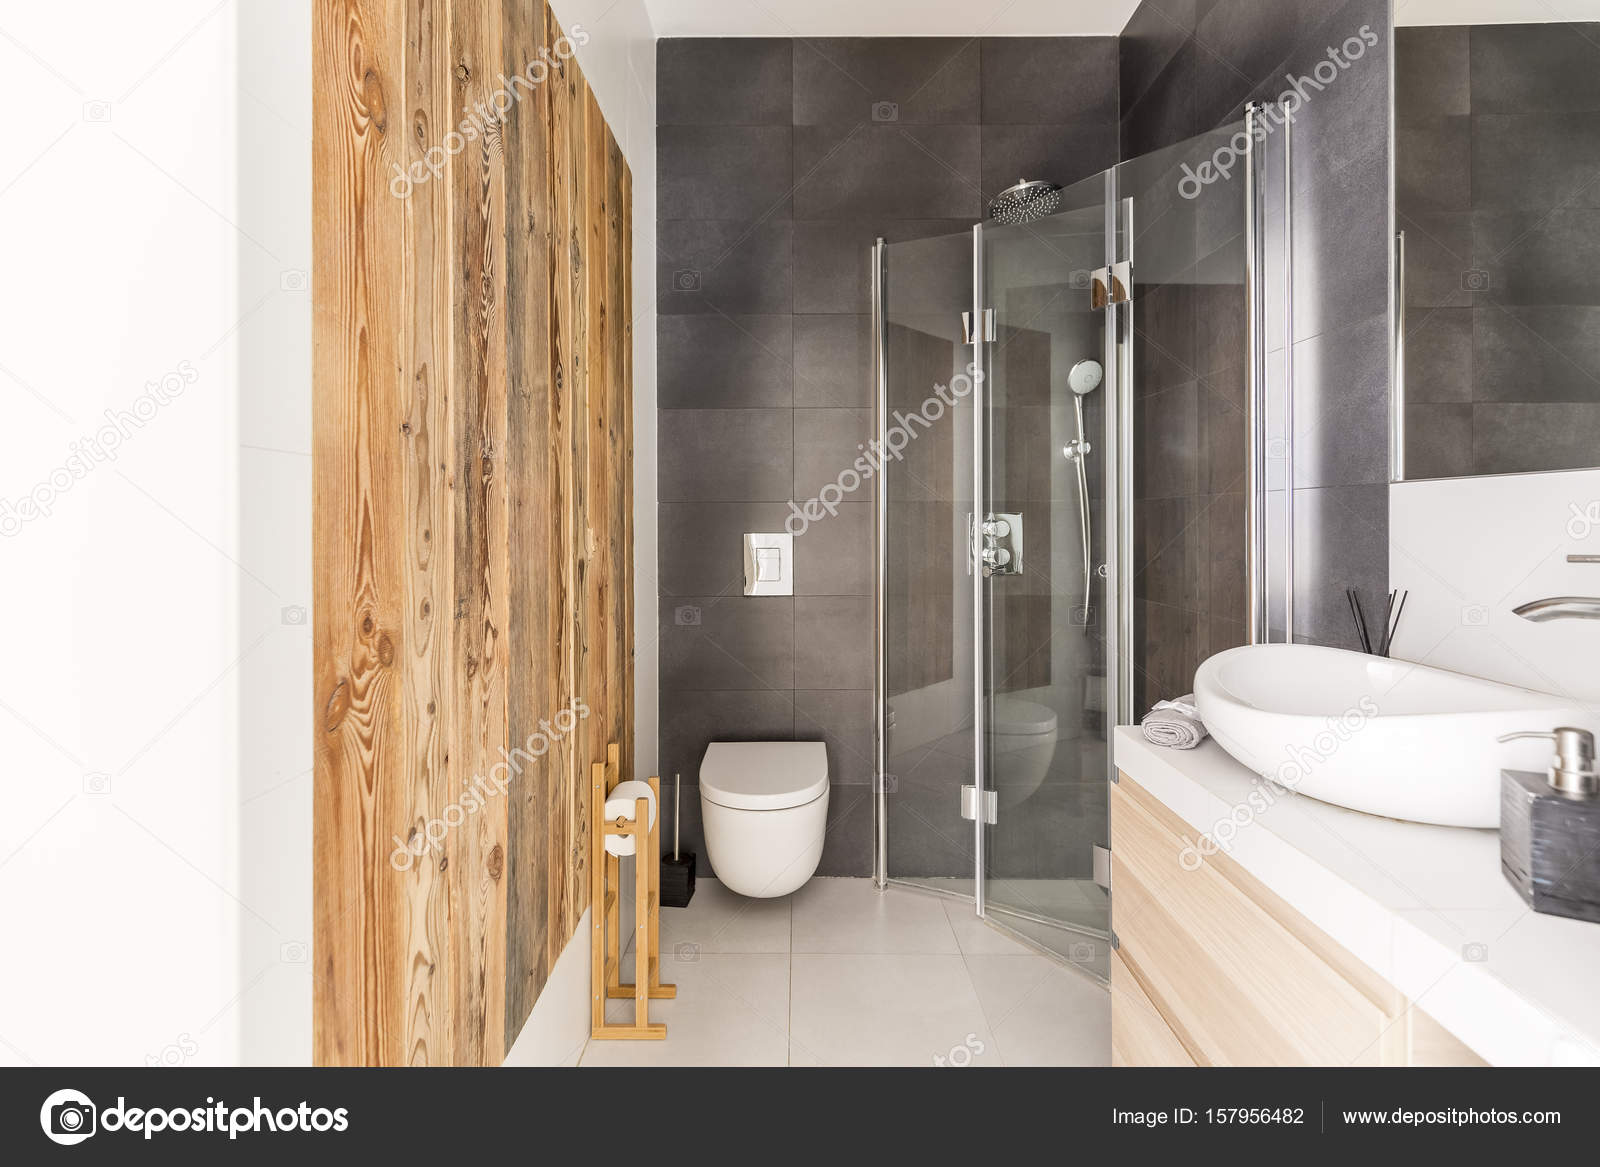 Badkamer design met ruw hout u2014 stockfoto © photographee.eu #157956482